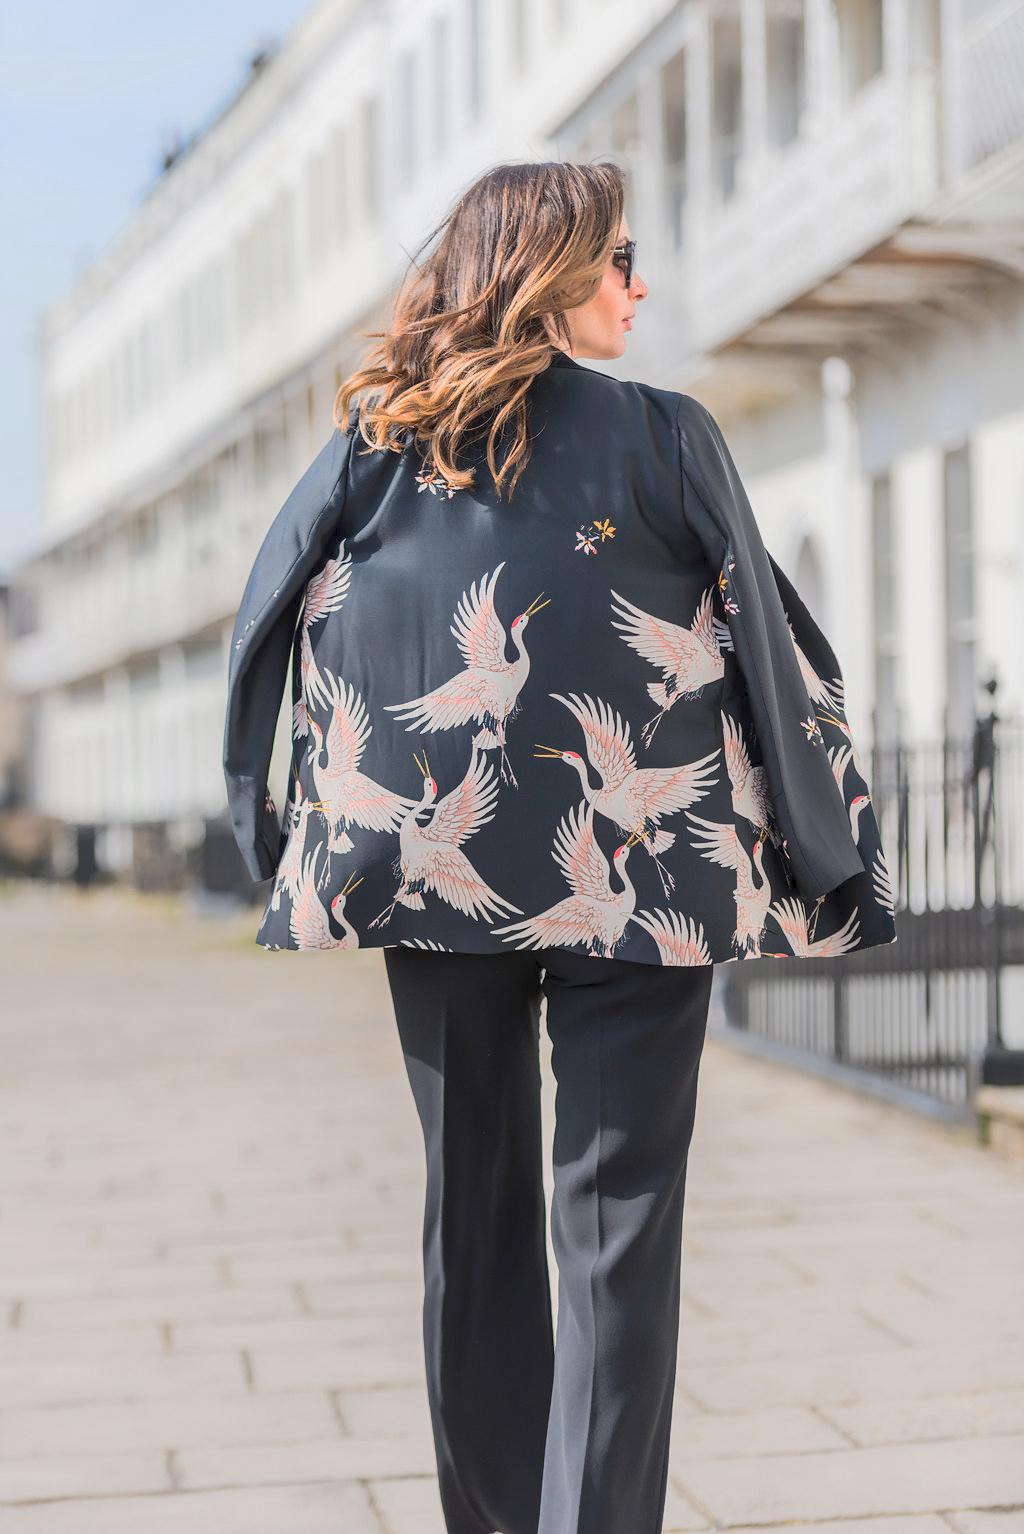 How to wear kimono